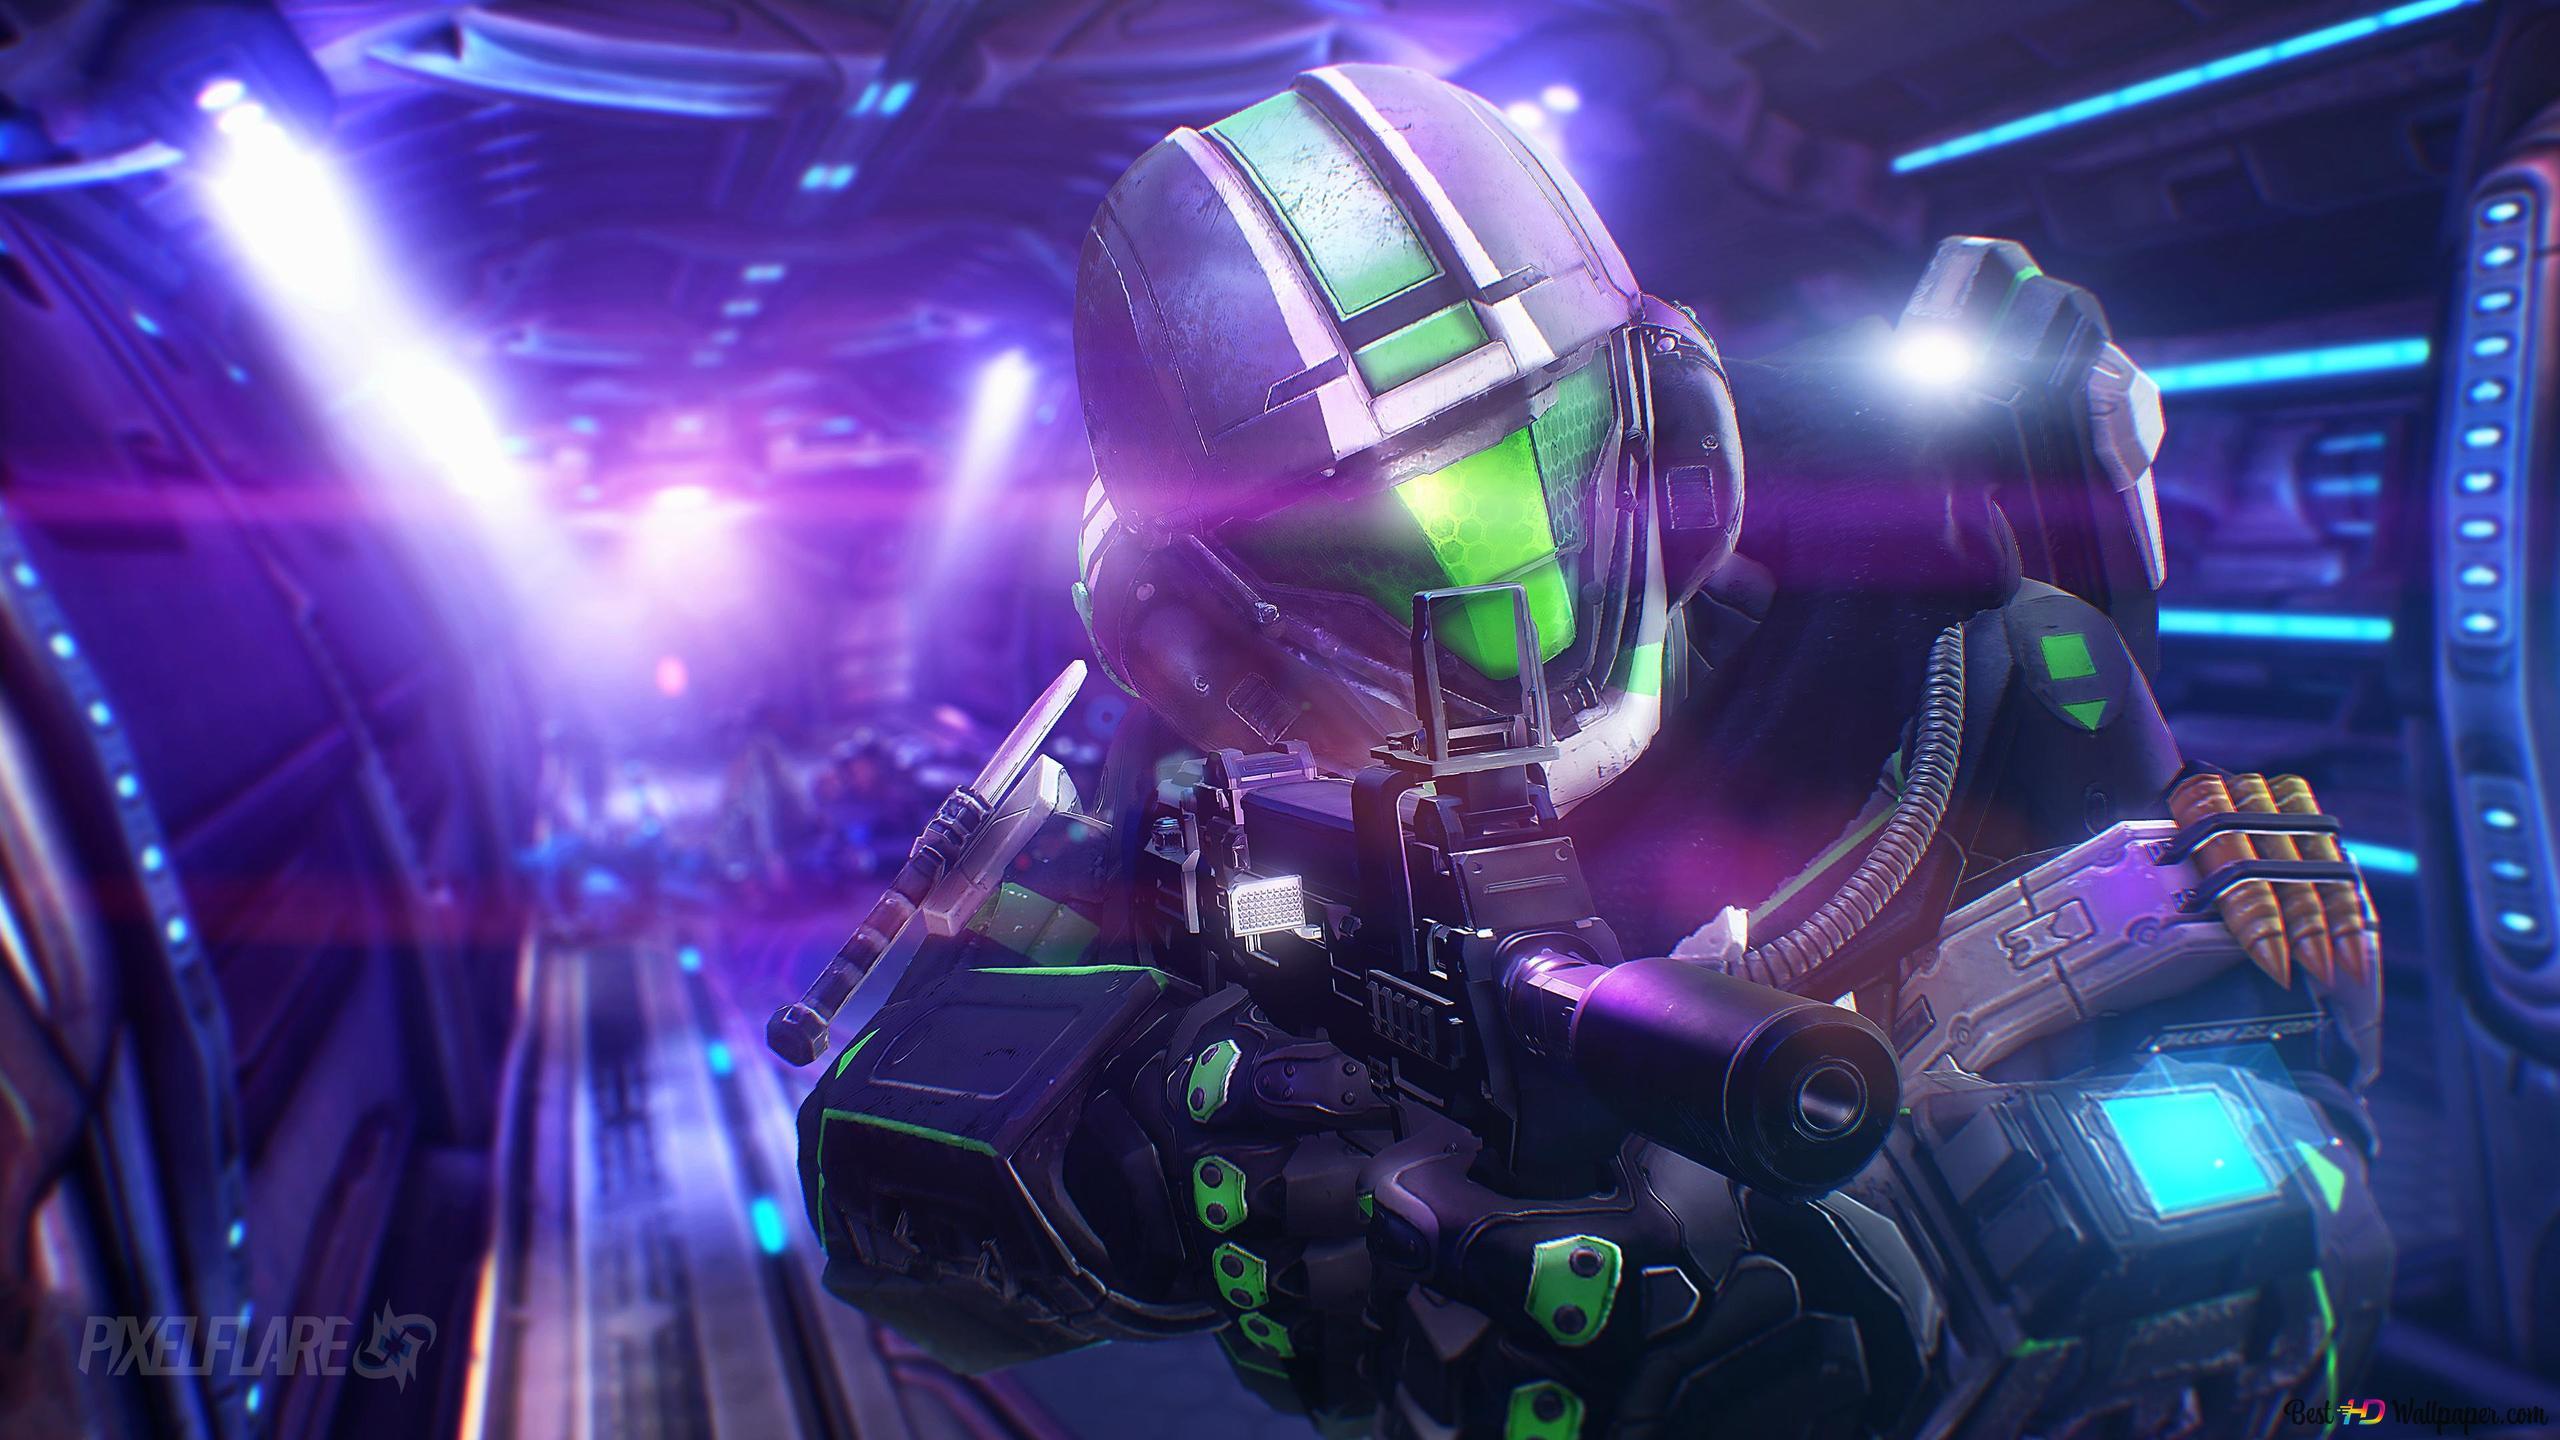 Halo 3 Odst Orbital Drop Shock Troopers Shock Trooper Hd